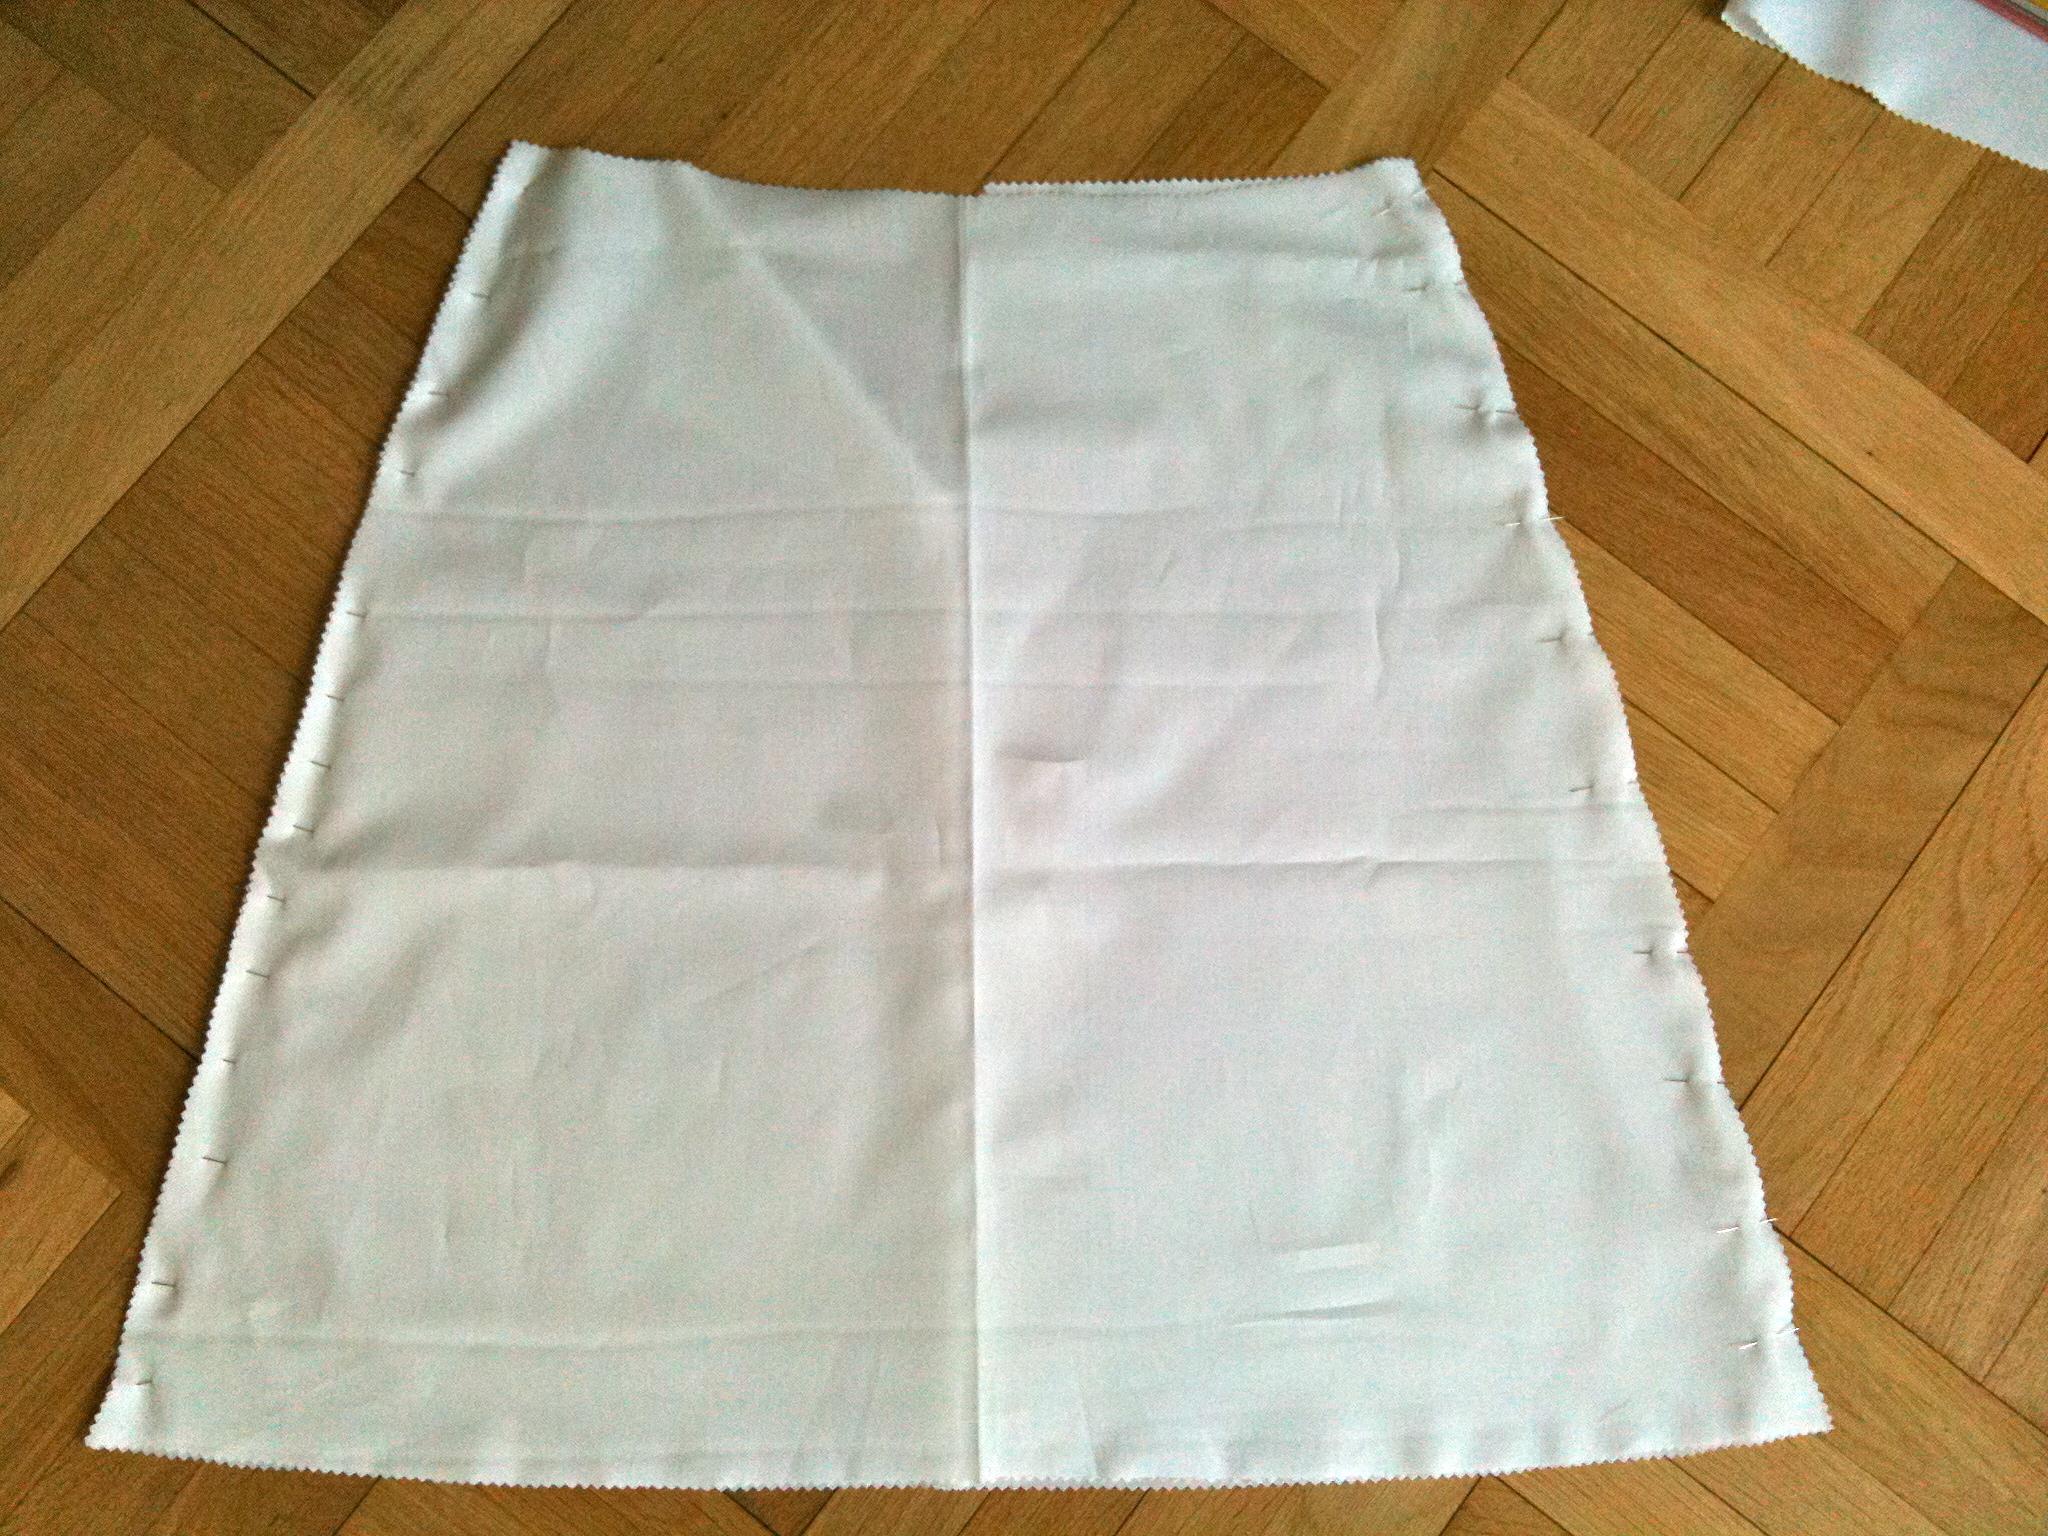 Patron couture jupe facile gratuit 16 - Patron couture jupe gratuit ...